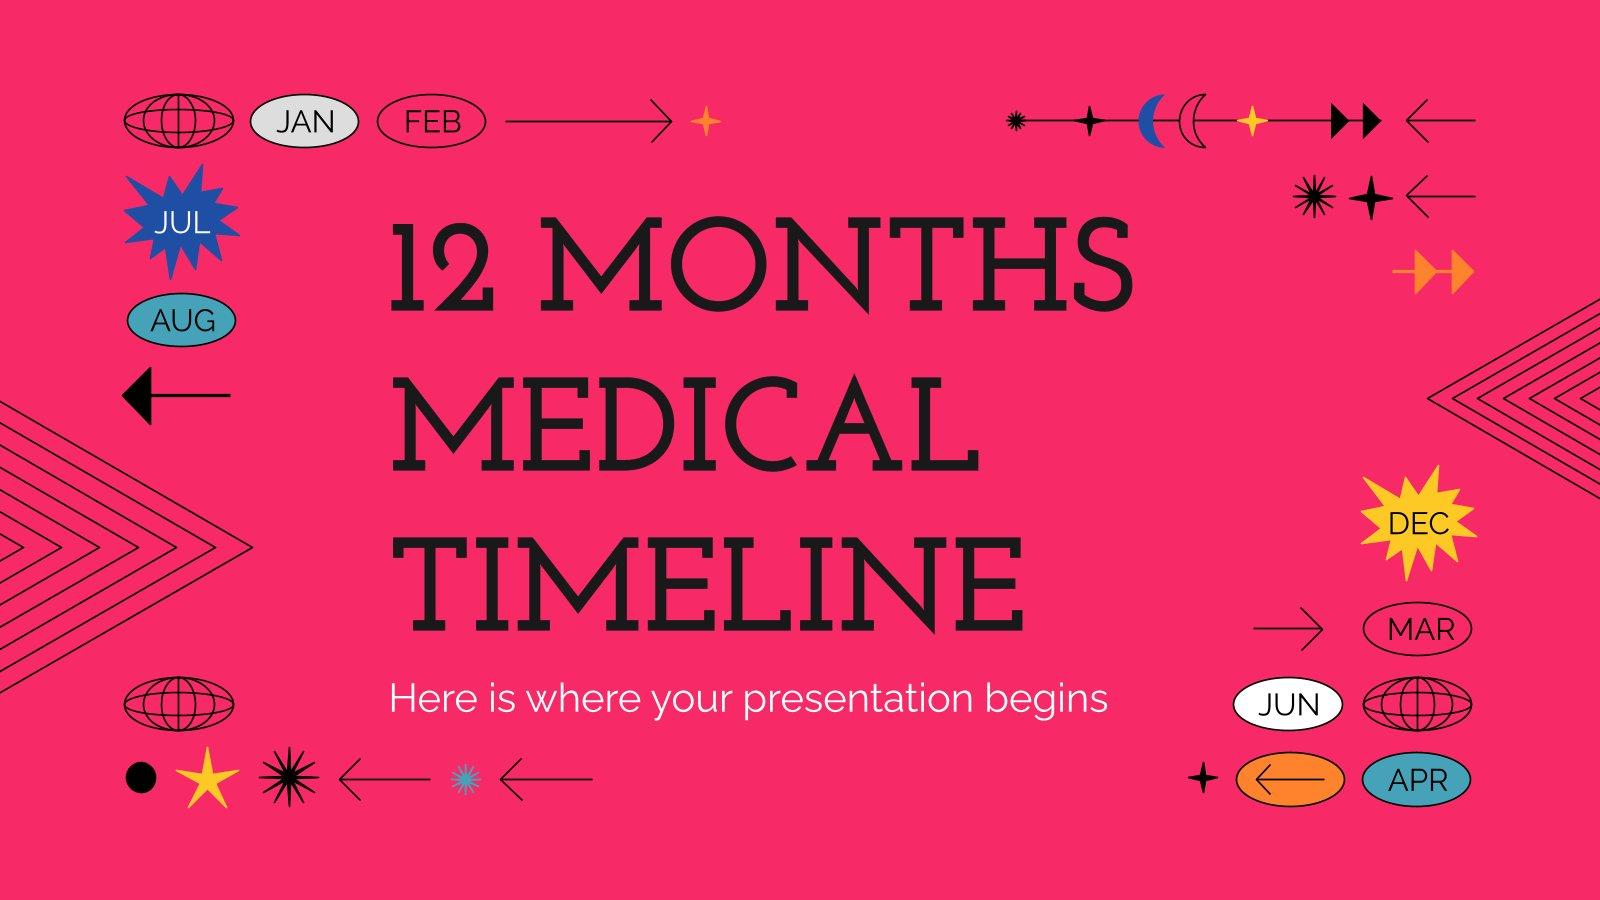 12 Months Medical Timeline presentation template